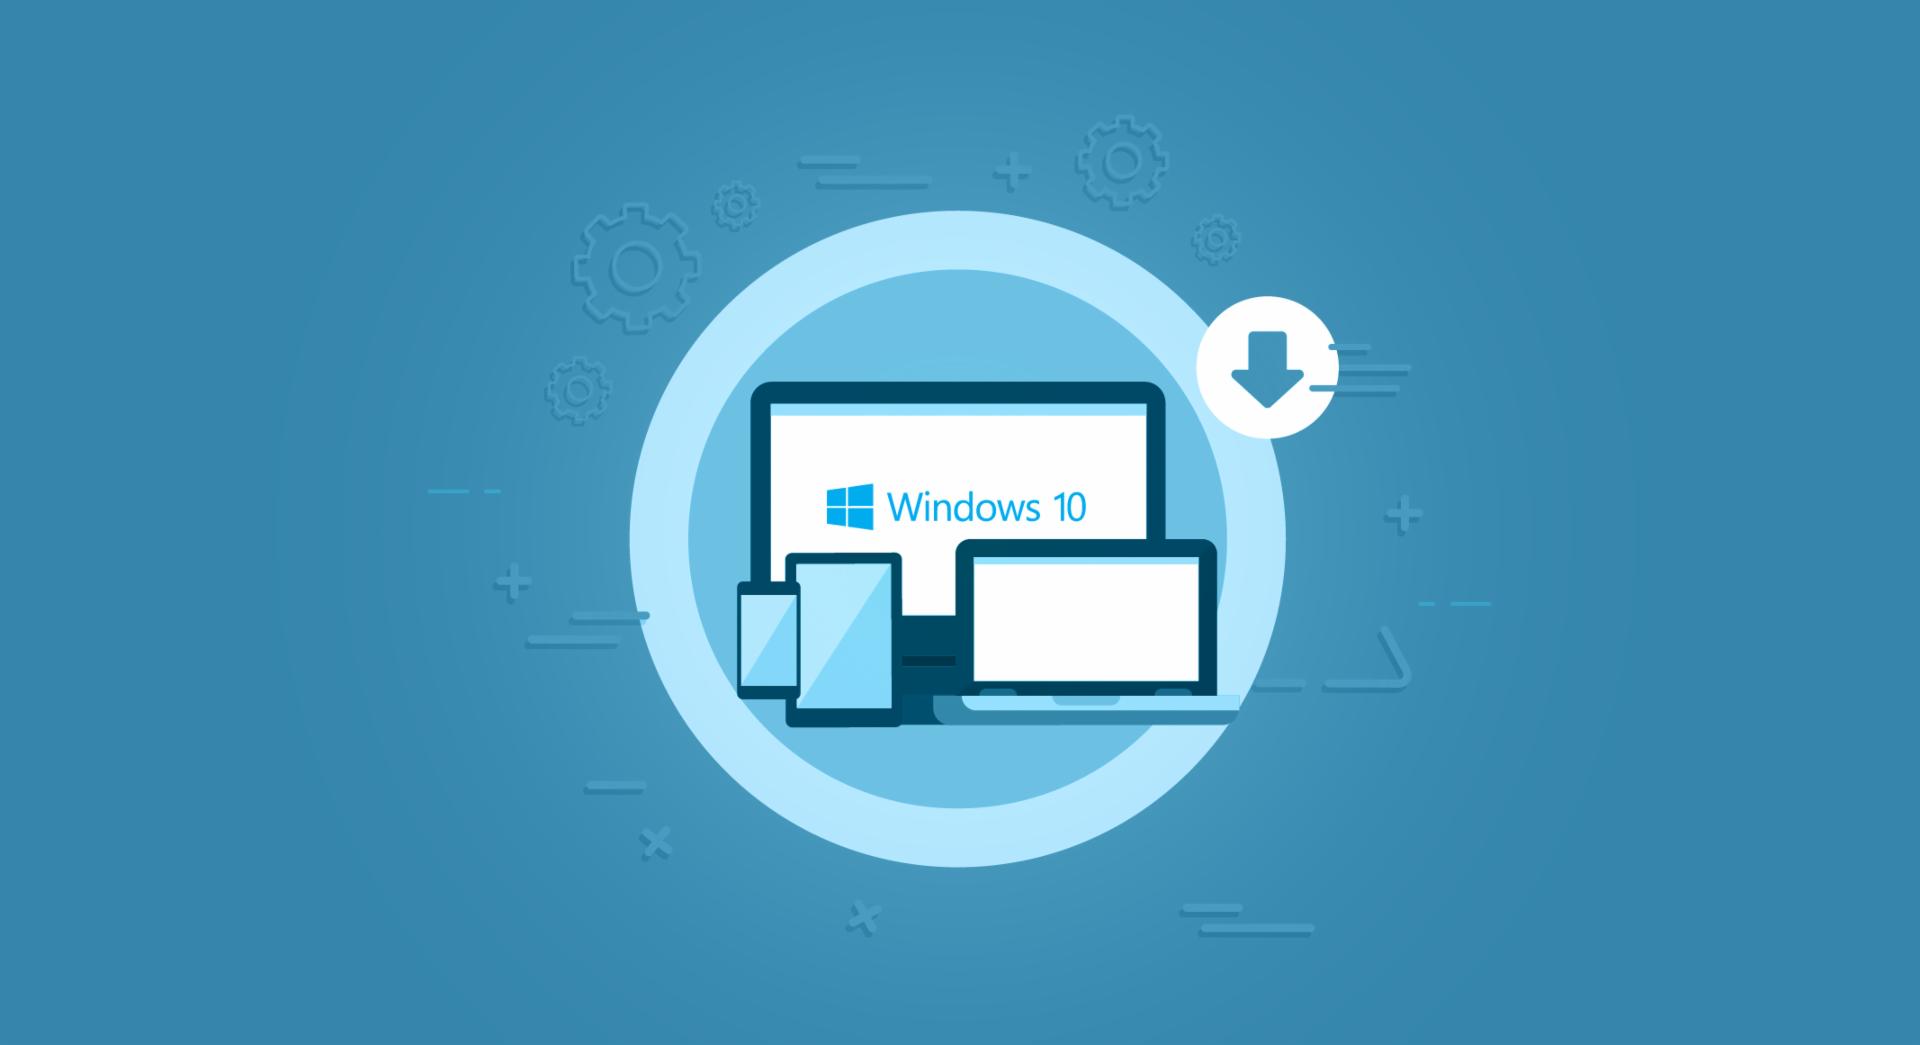 Para obter o Windows 10 você pode comprar um computador que já vem com ele instalado.